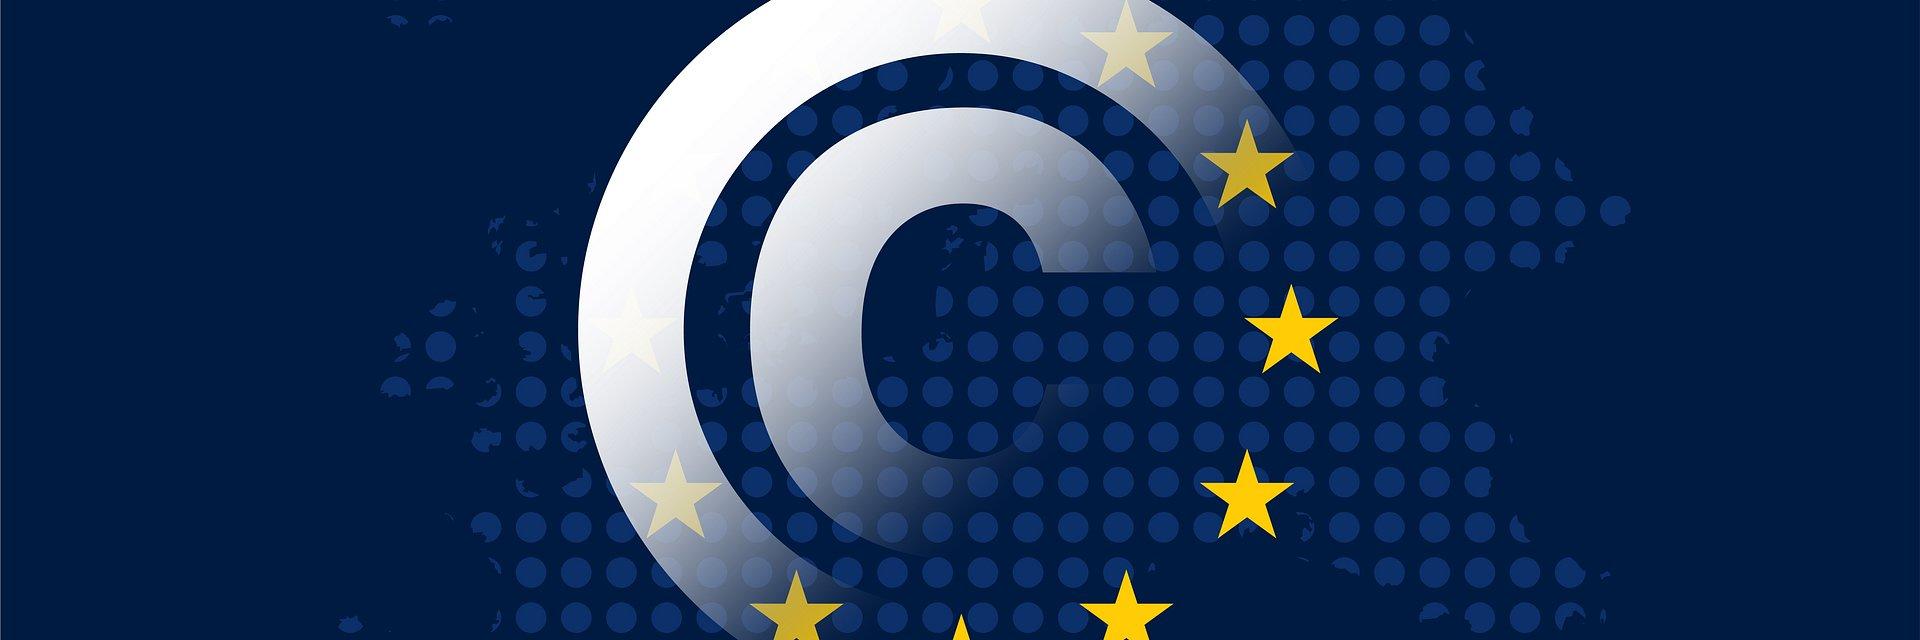 Sektory kreatywne w Polsce i na świecie apelują w sprawie dyrektywy o prawach autorskich